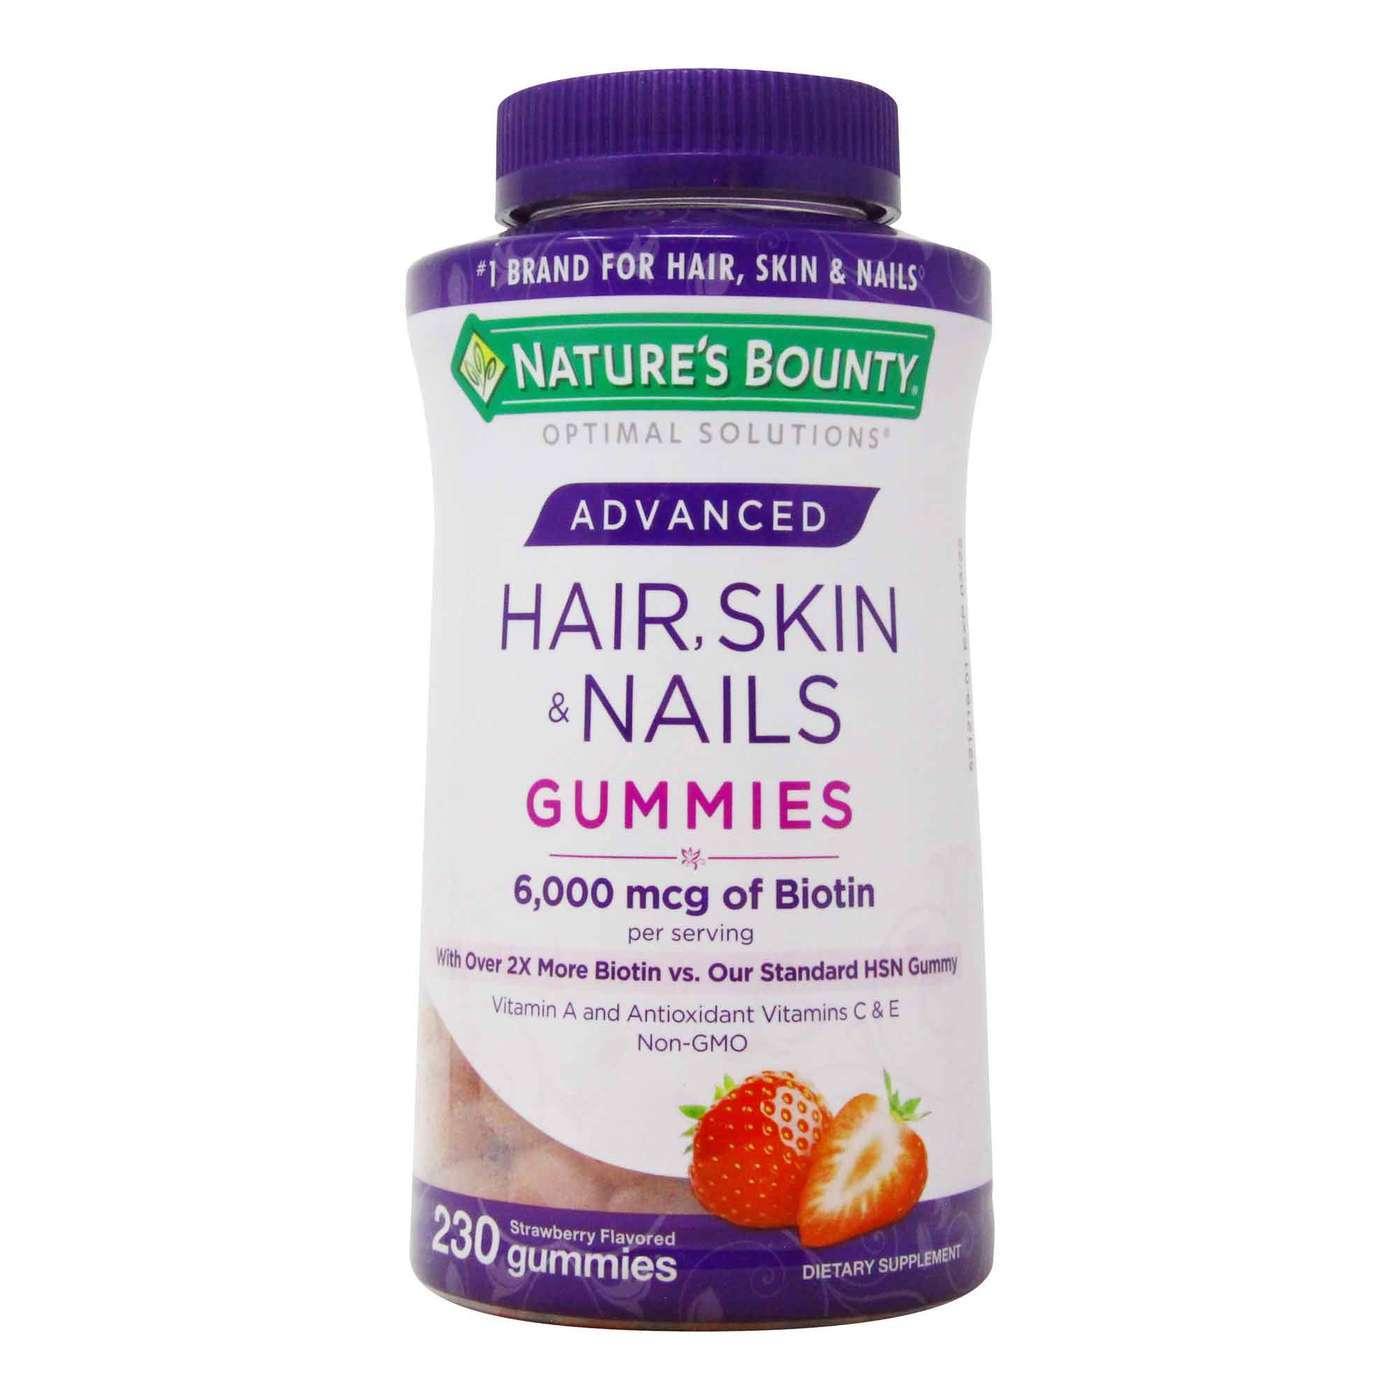 Nature's Bounty Advanced Hair, Skin Nails Gummies   9 Gummies